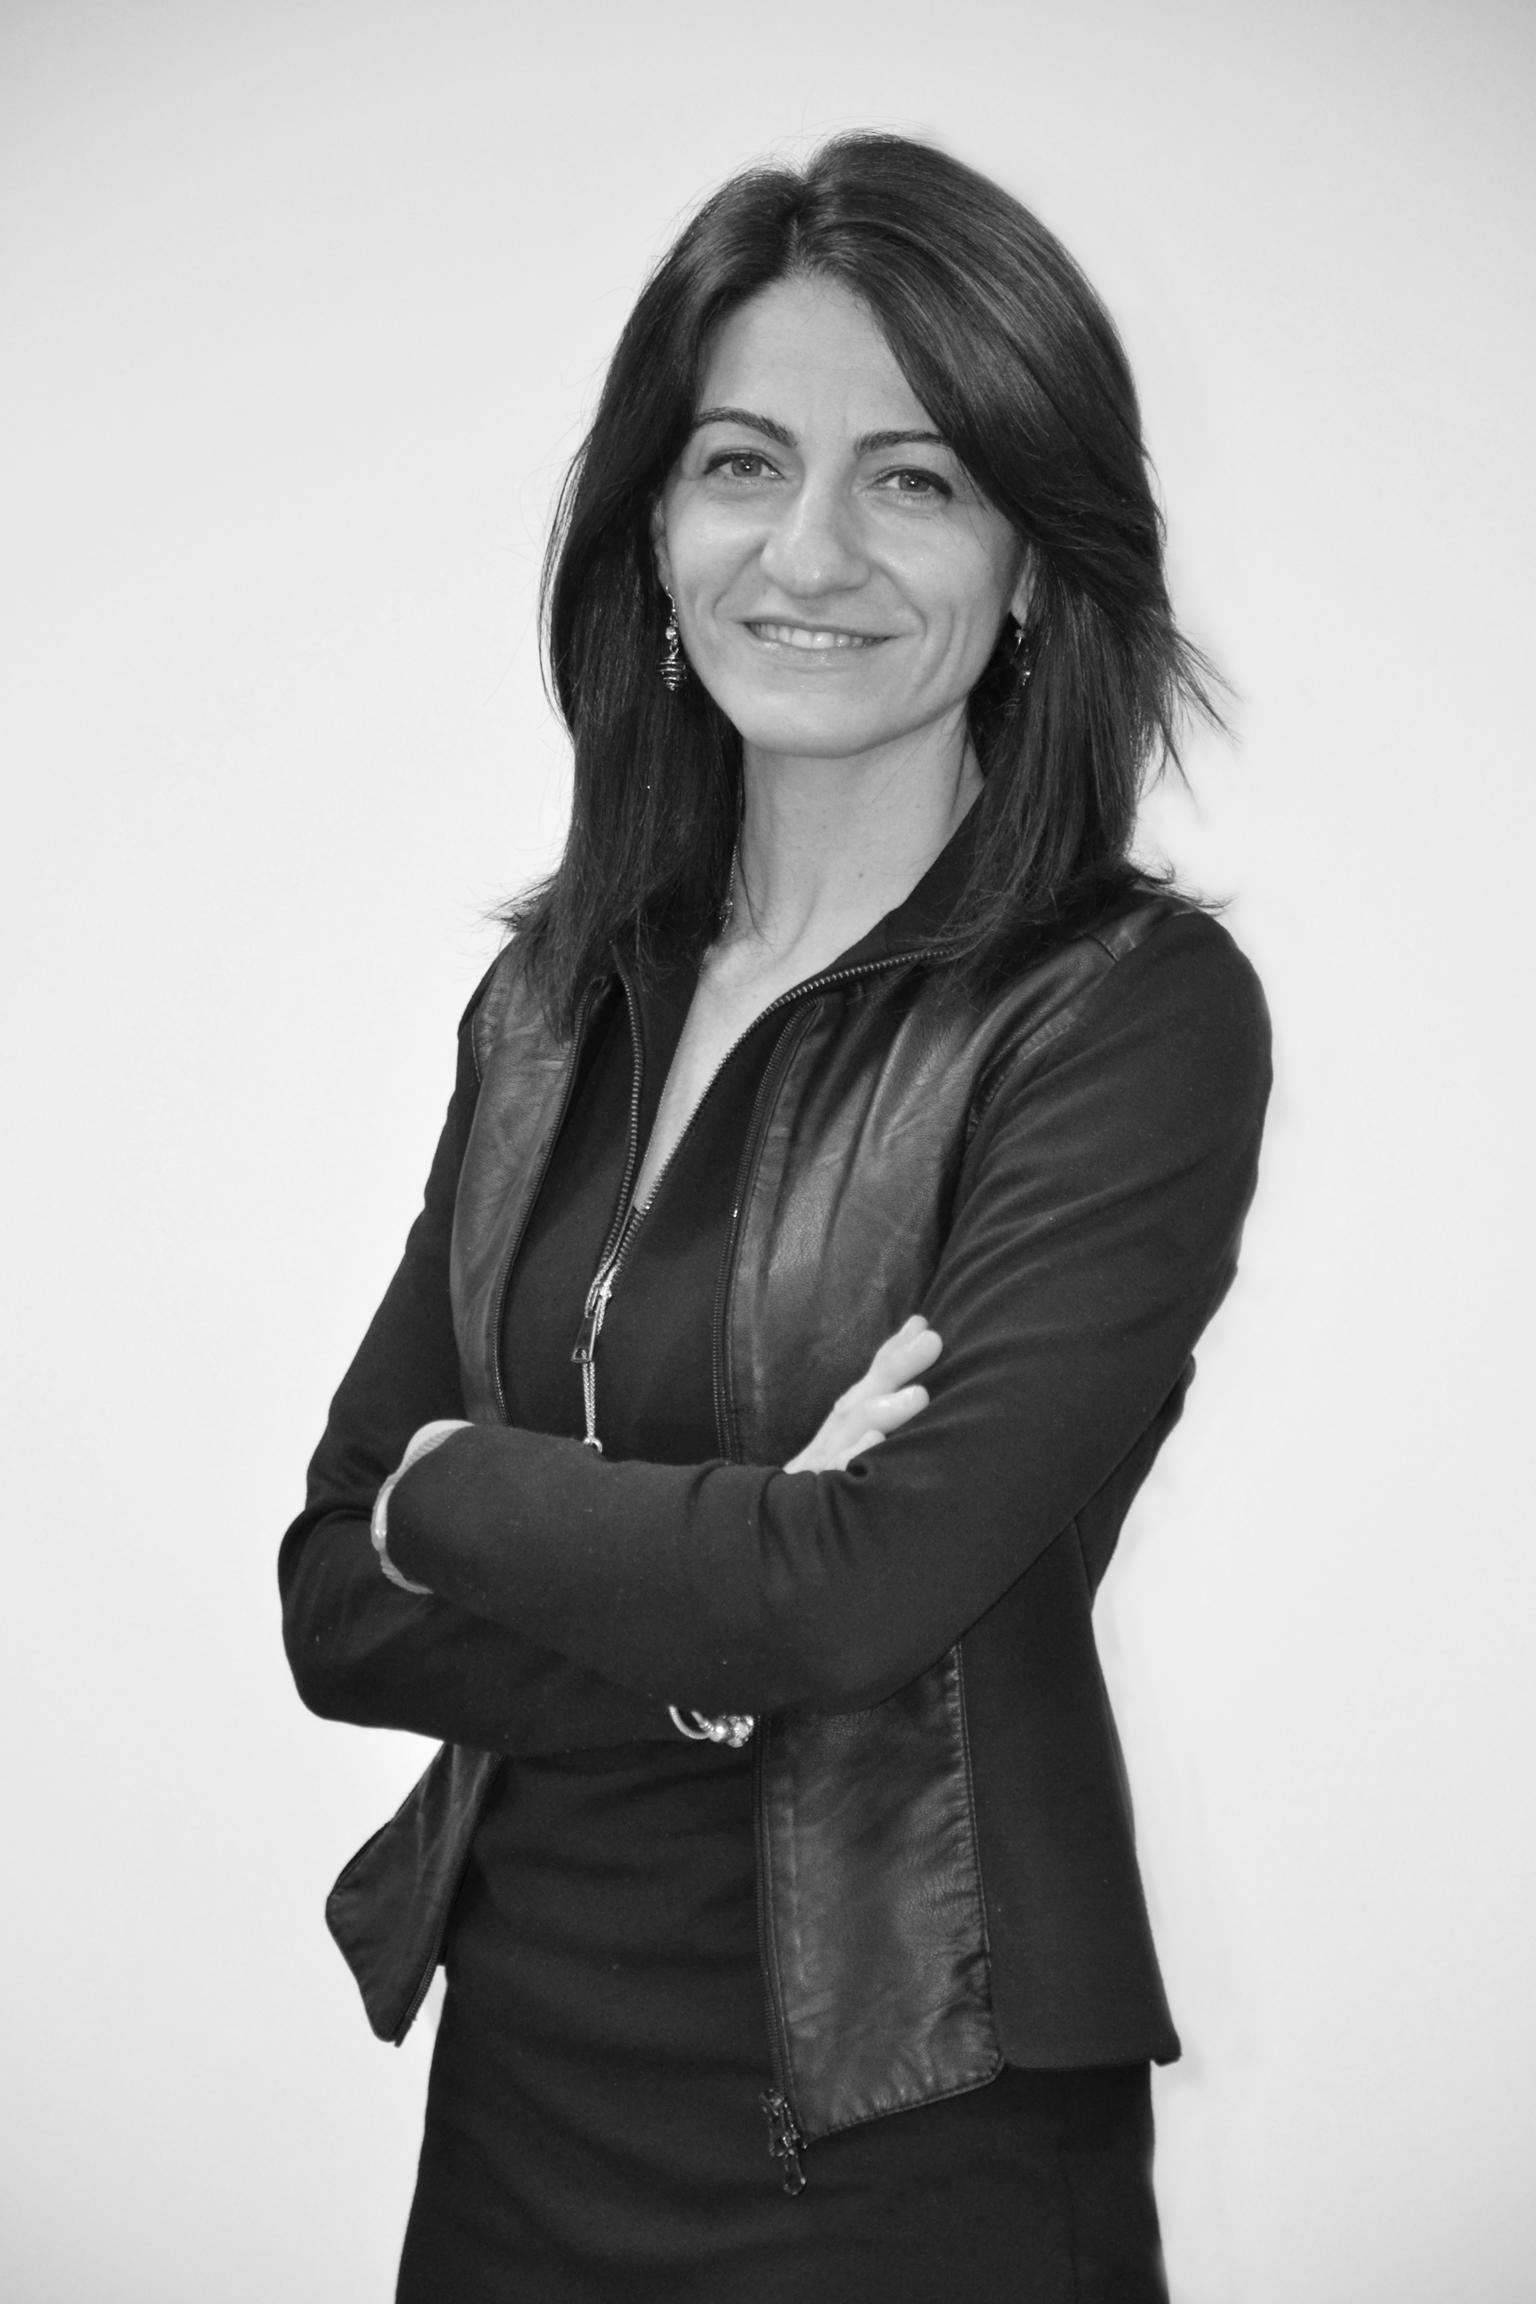 Marianna Migliaccio